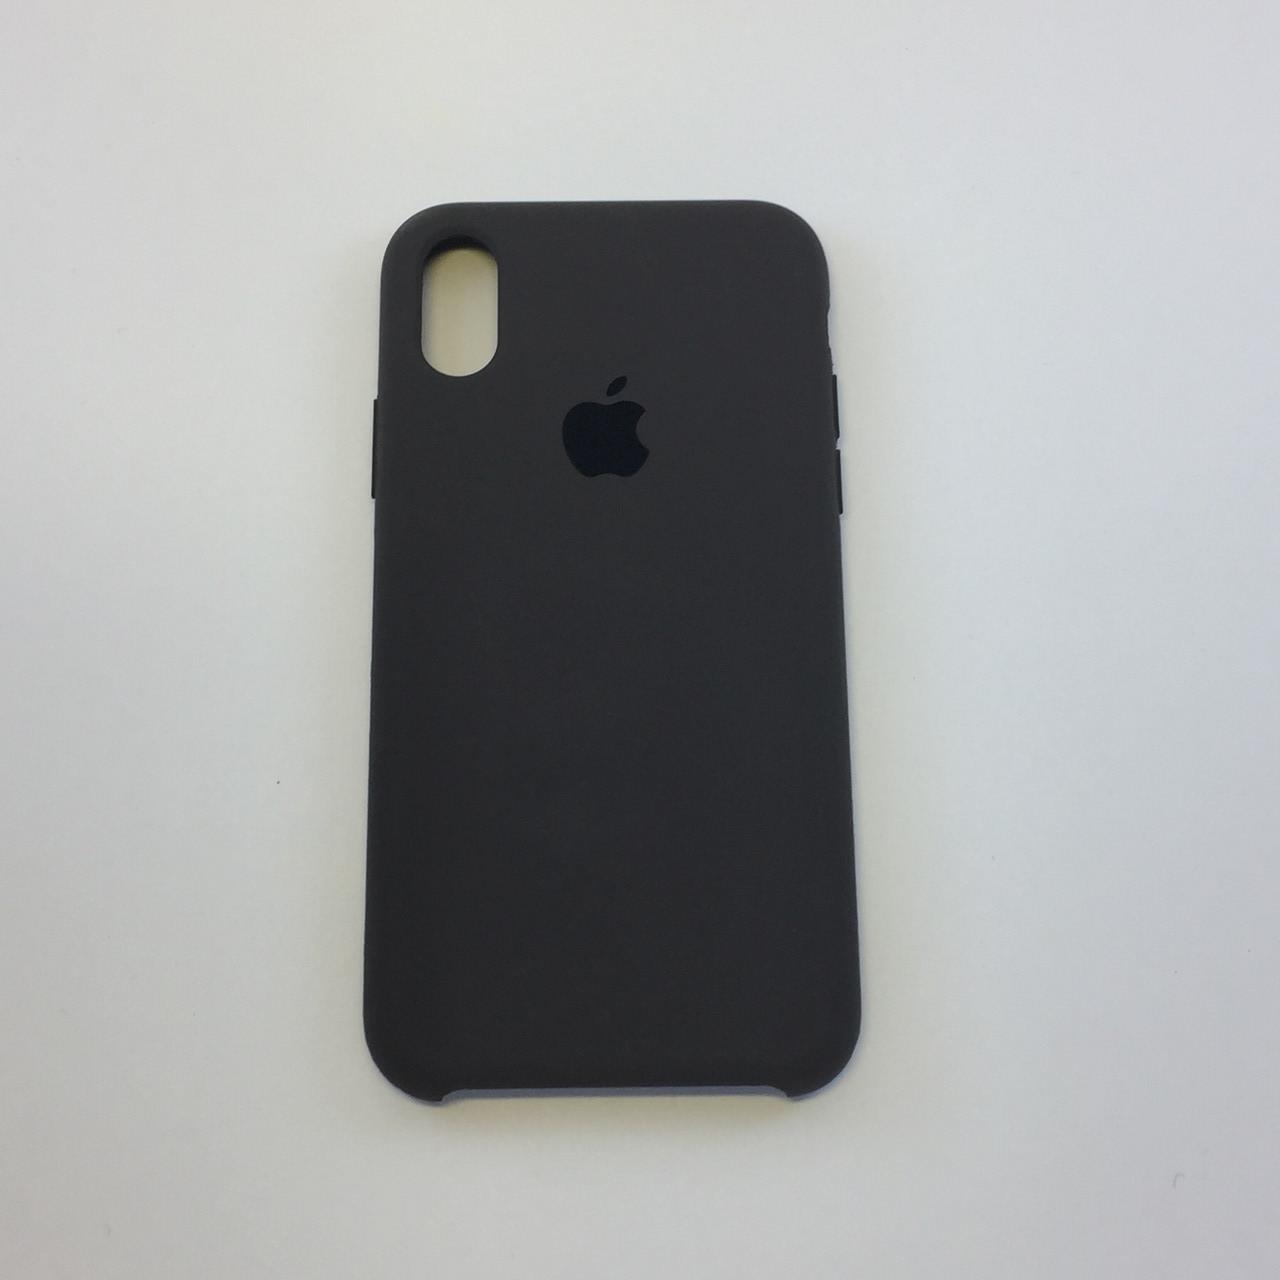 Силиконовый чехол для iPhone Xs Max, - «коричневый» - copy original